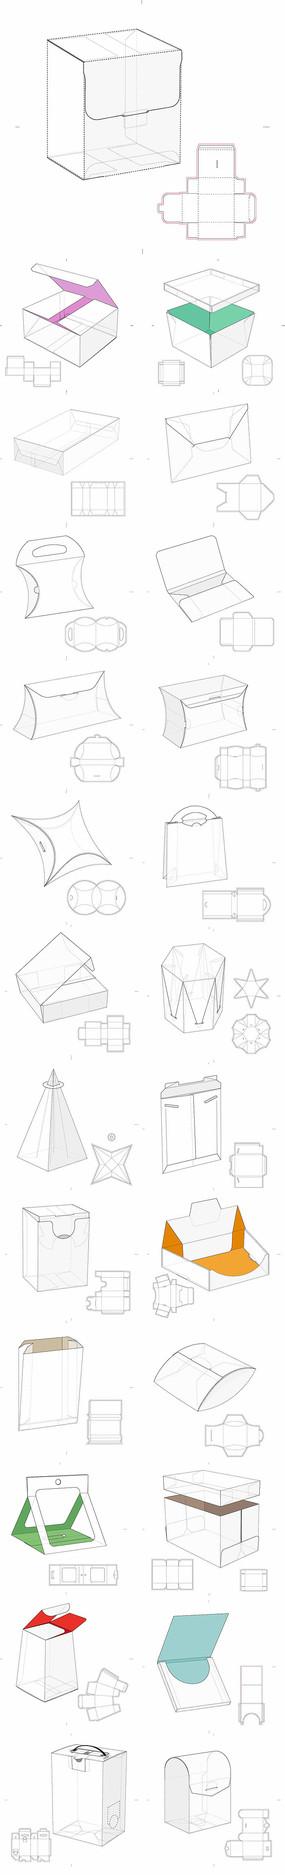 产品包装盒展开图设计图纸